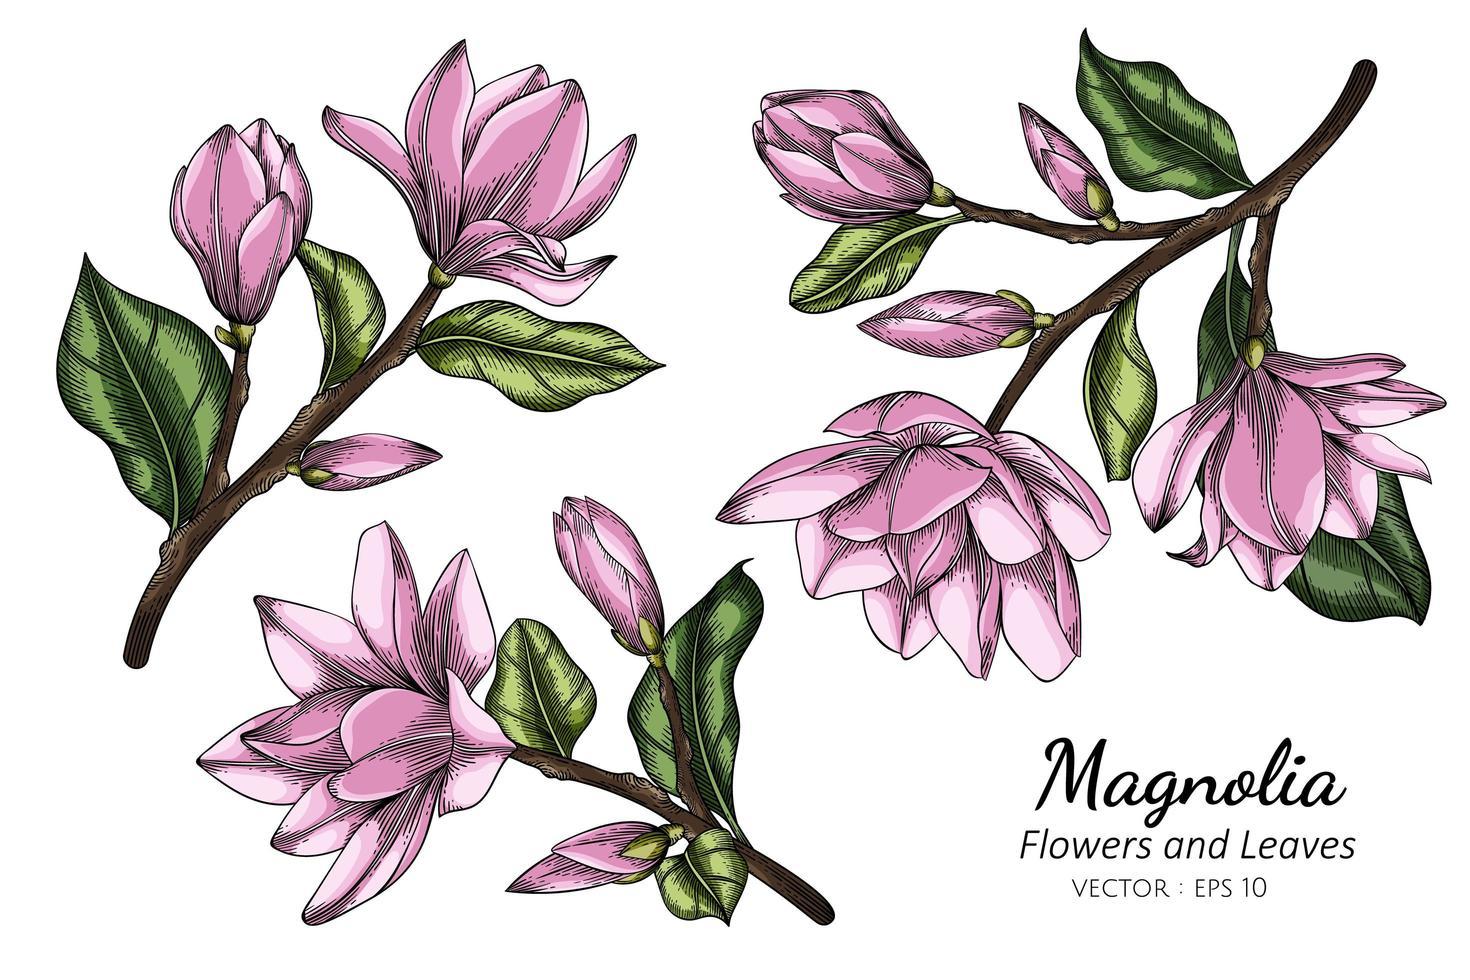 desenho de flor e folha de magnólia rosa vetor